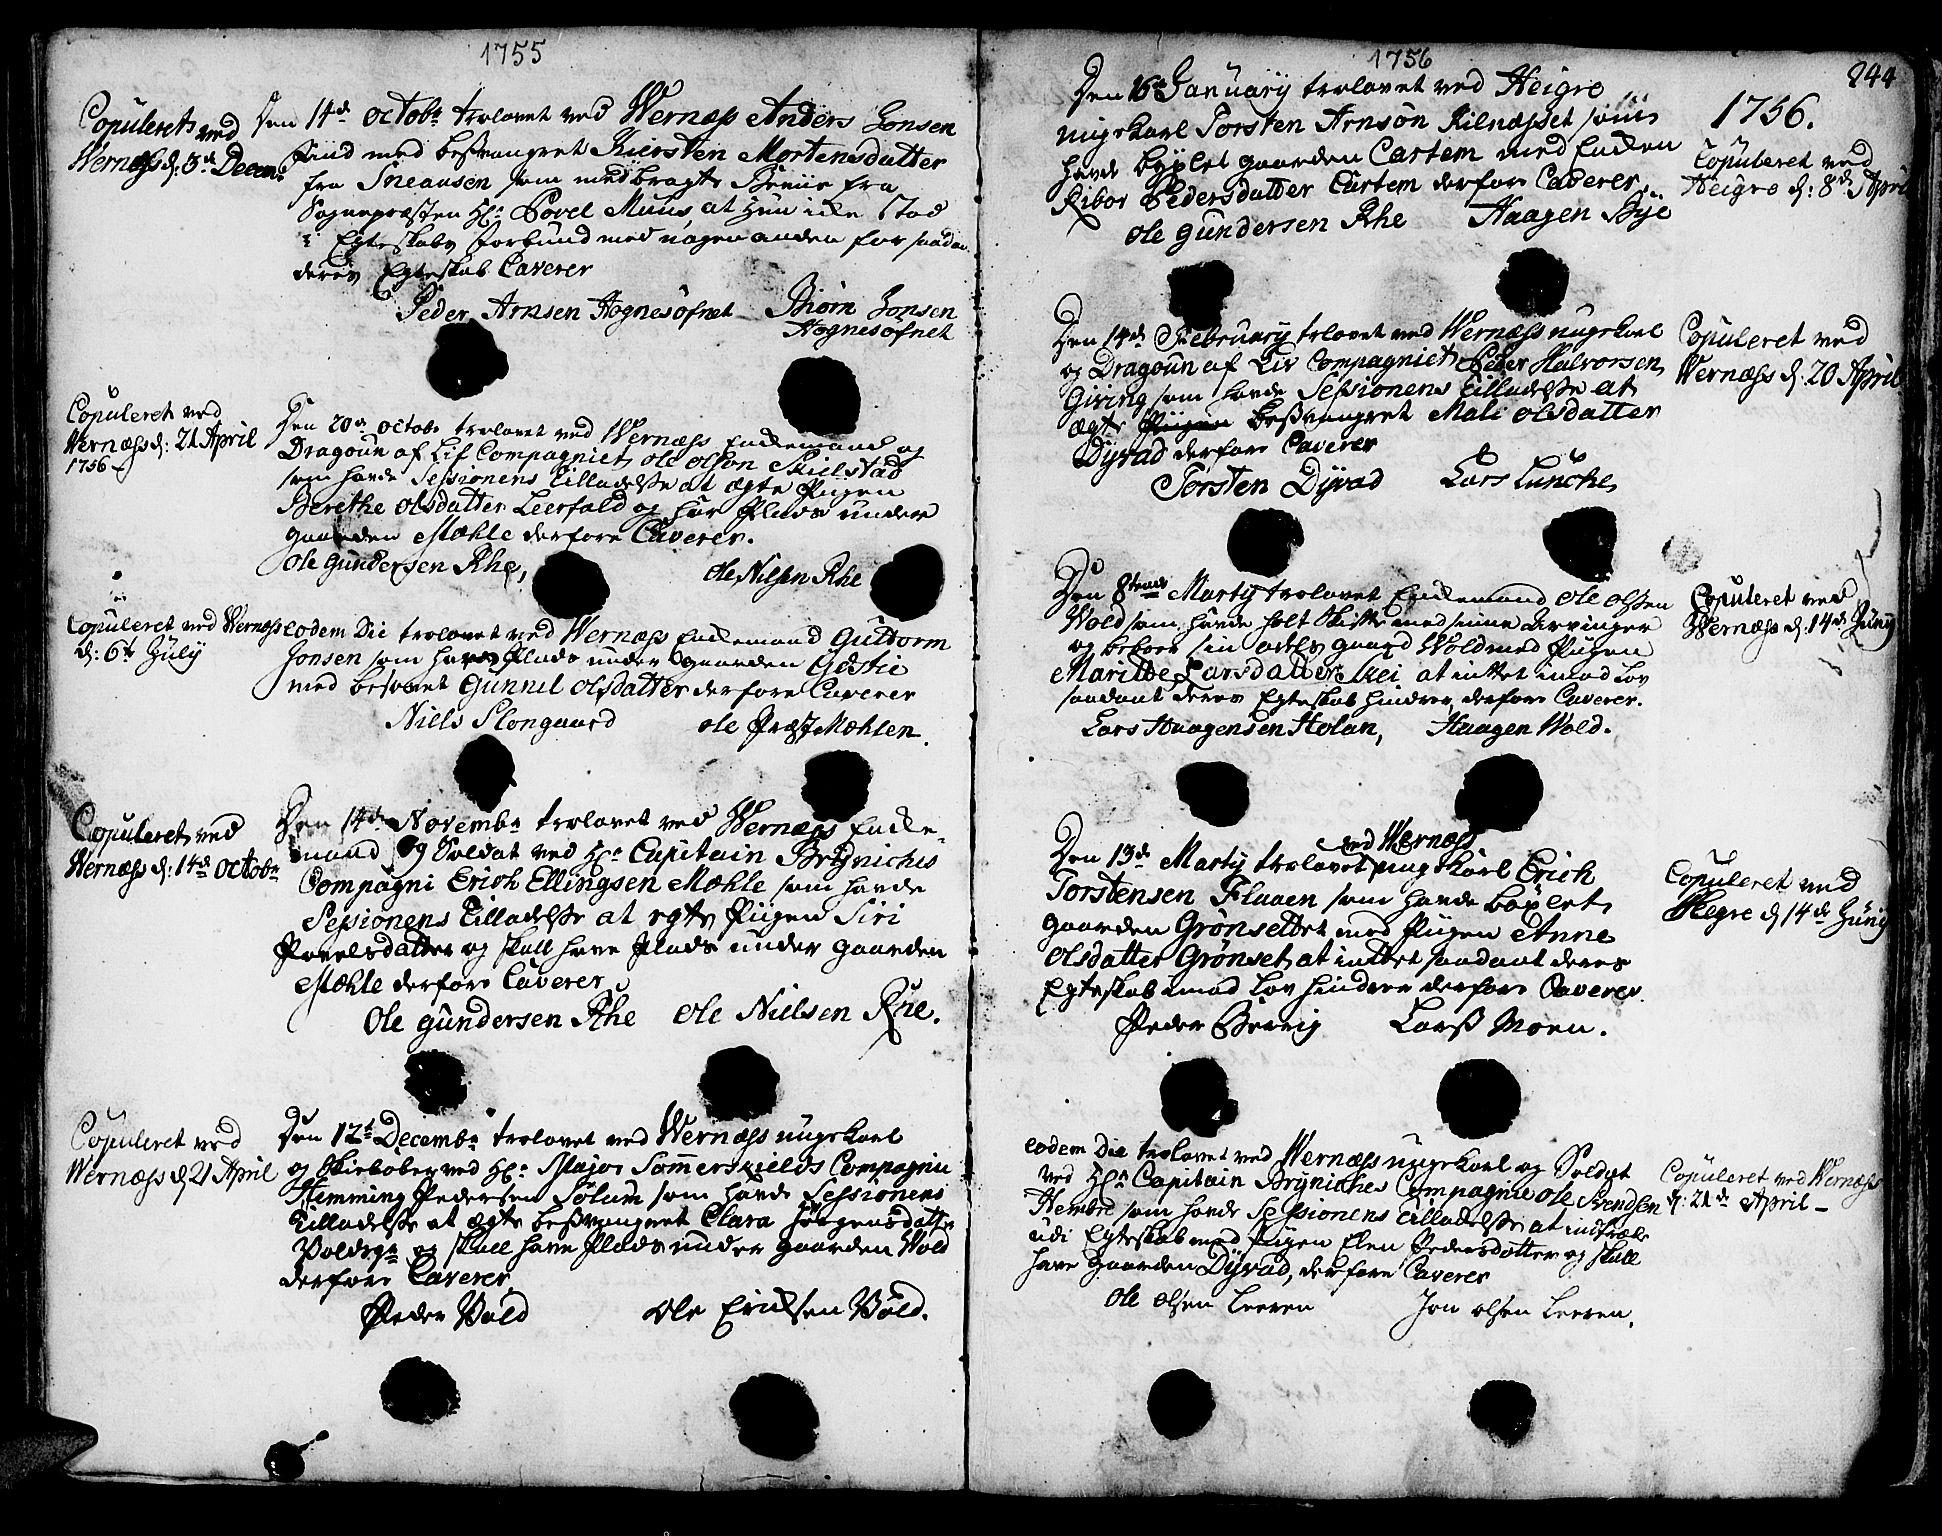 SAT, Ministerialprotokoller, klokkerbøker og fødselsregistre - Nord-Trøndelag, 709/L0056: Ministerialbok nr. 709A04, 1740-1756, s. 244